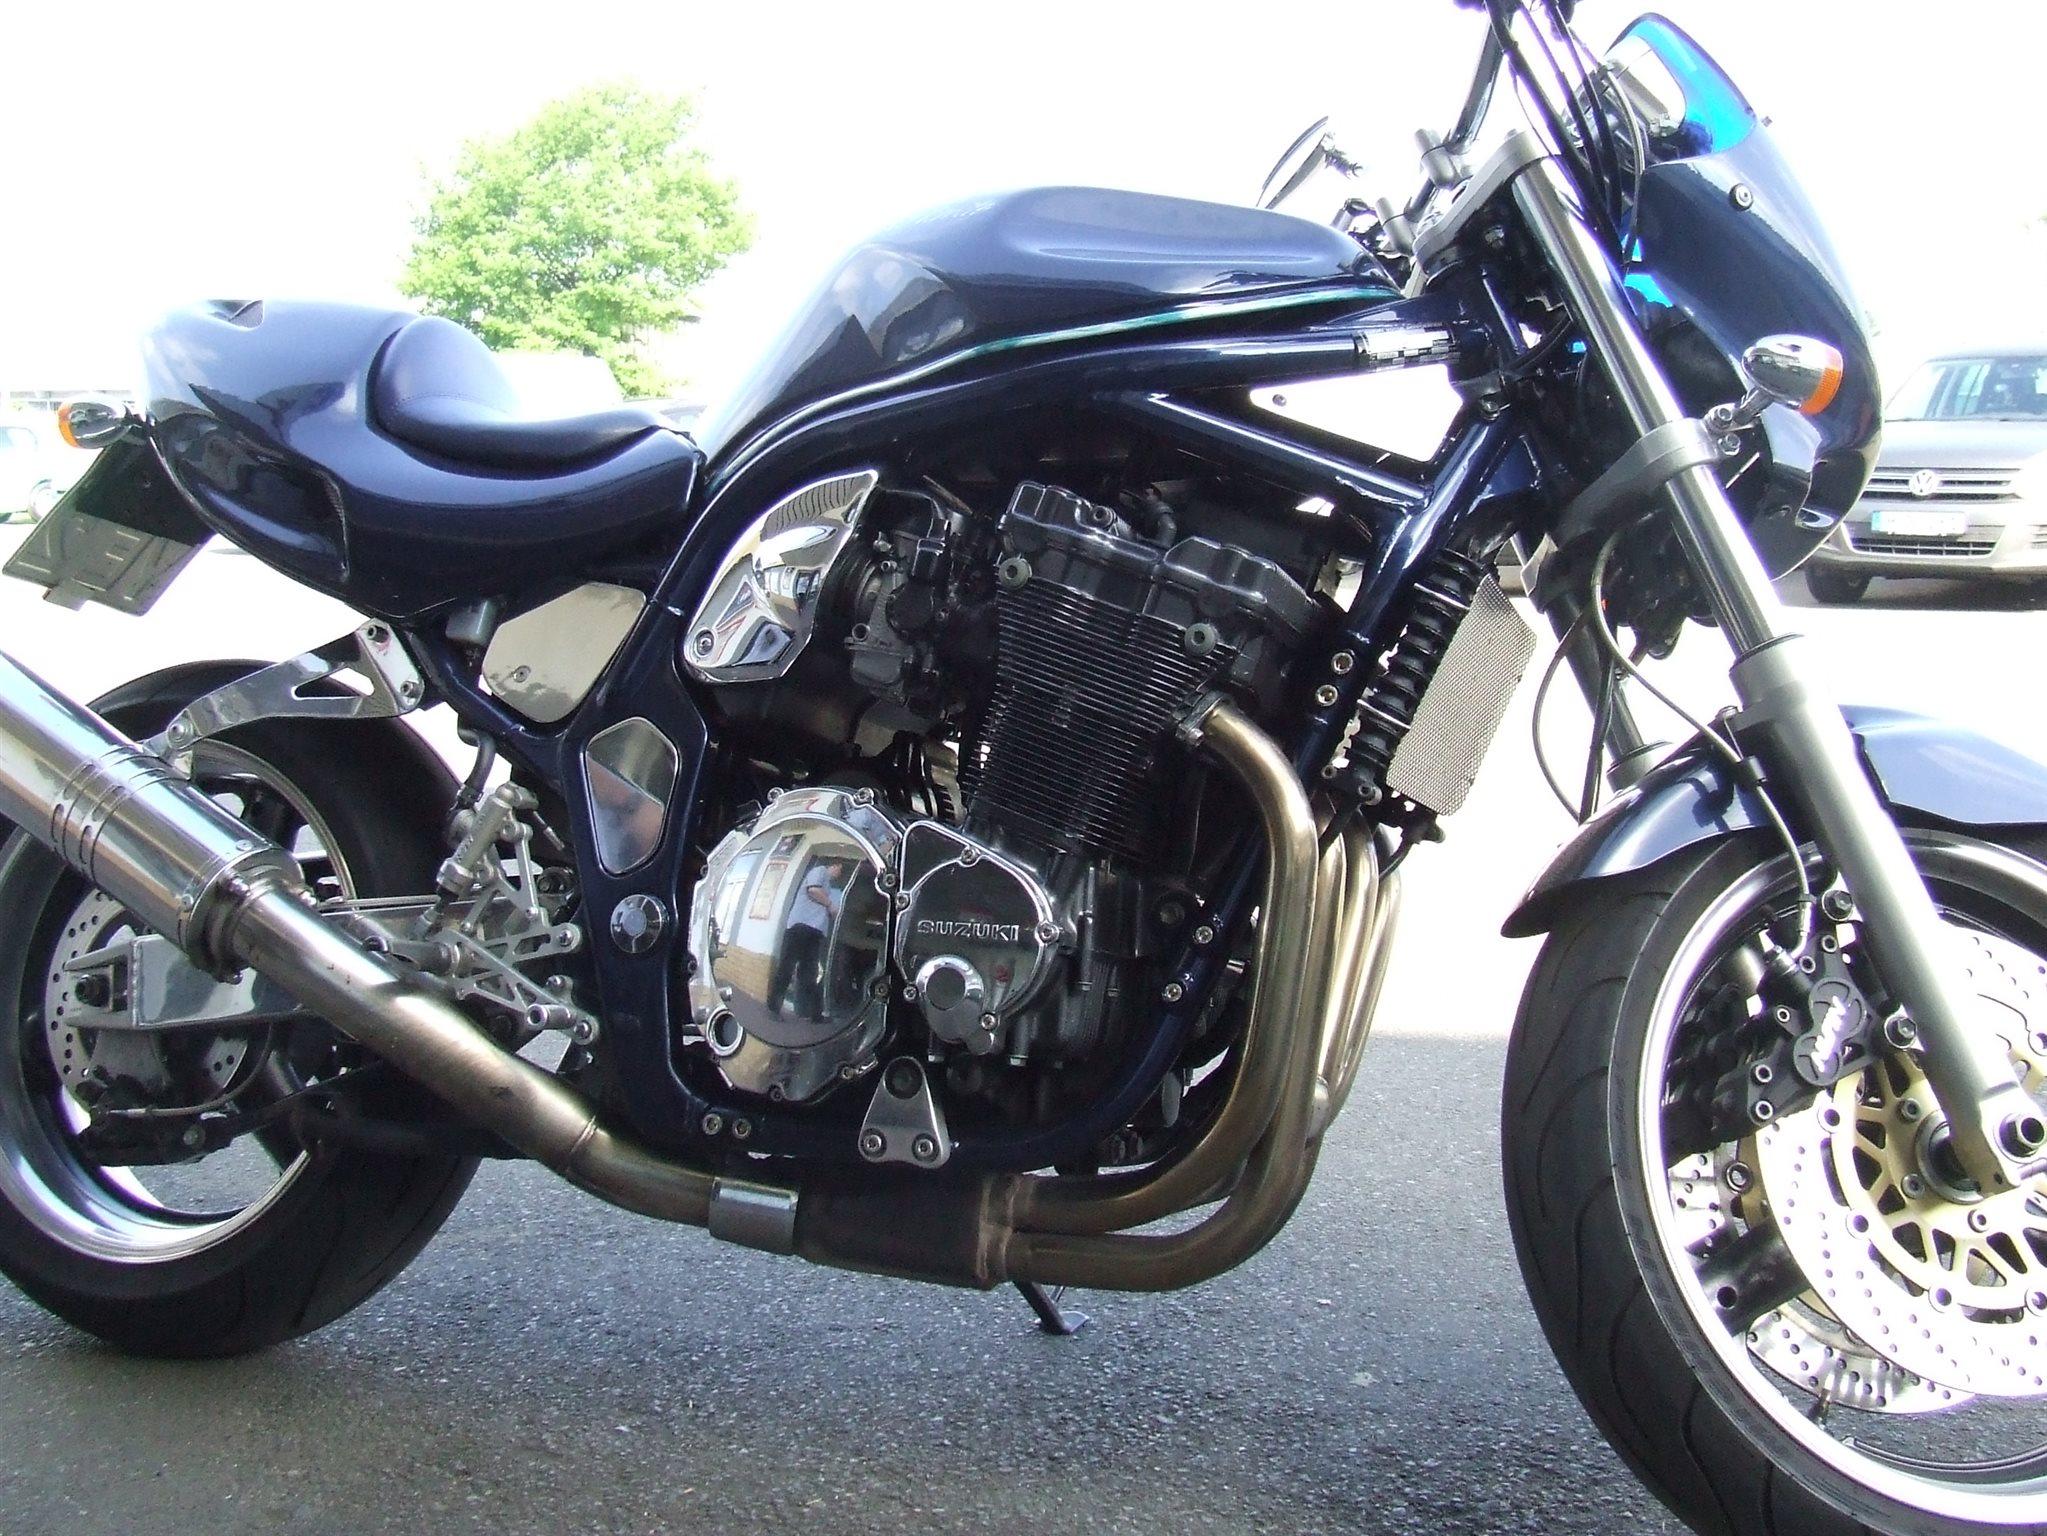 motorrad occasion suzuki bandit 1200 erstzulassung 1997 57500 km preis 3 39 eur aus. Black Bedroom Furniture Sets. Home Design Ideas